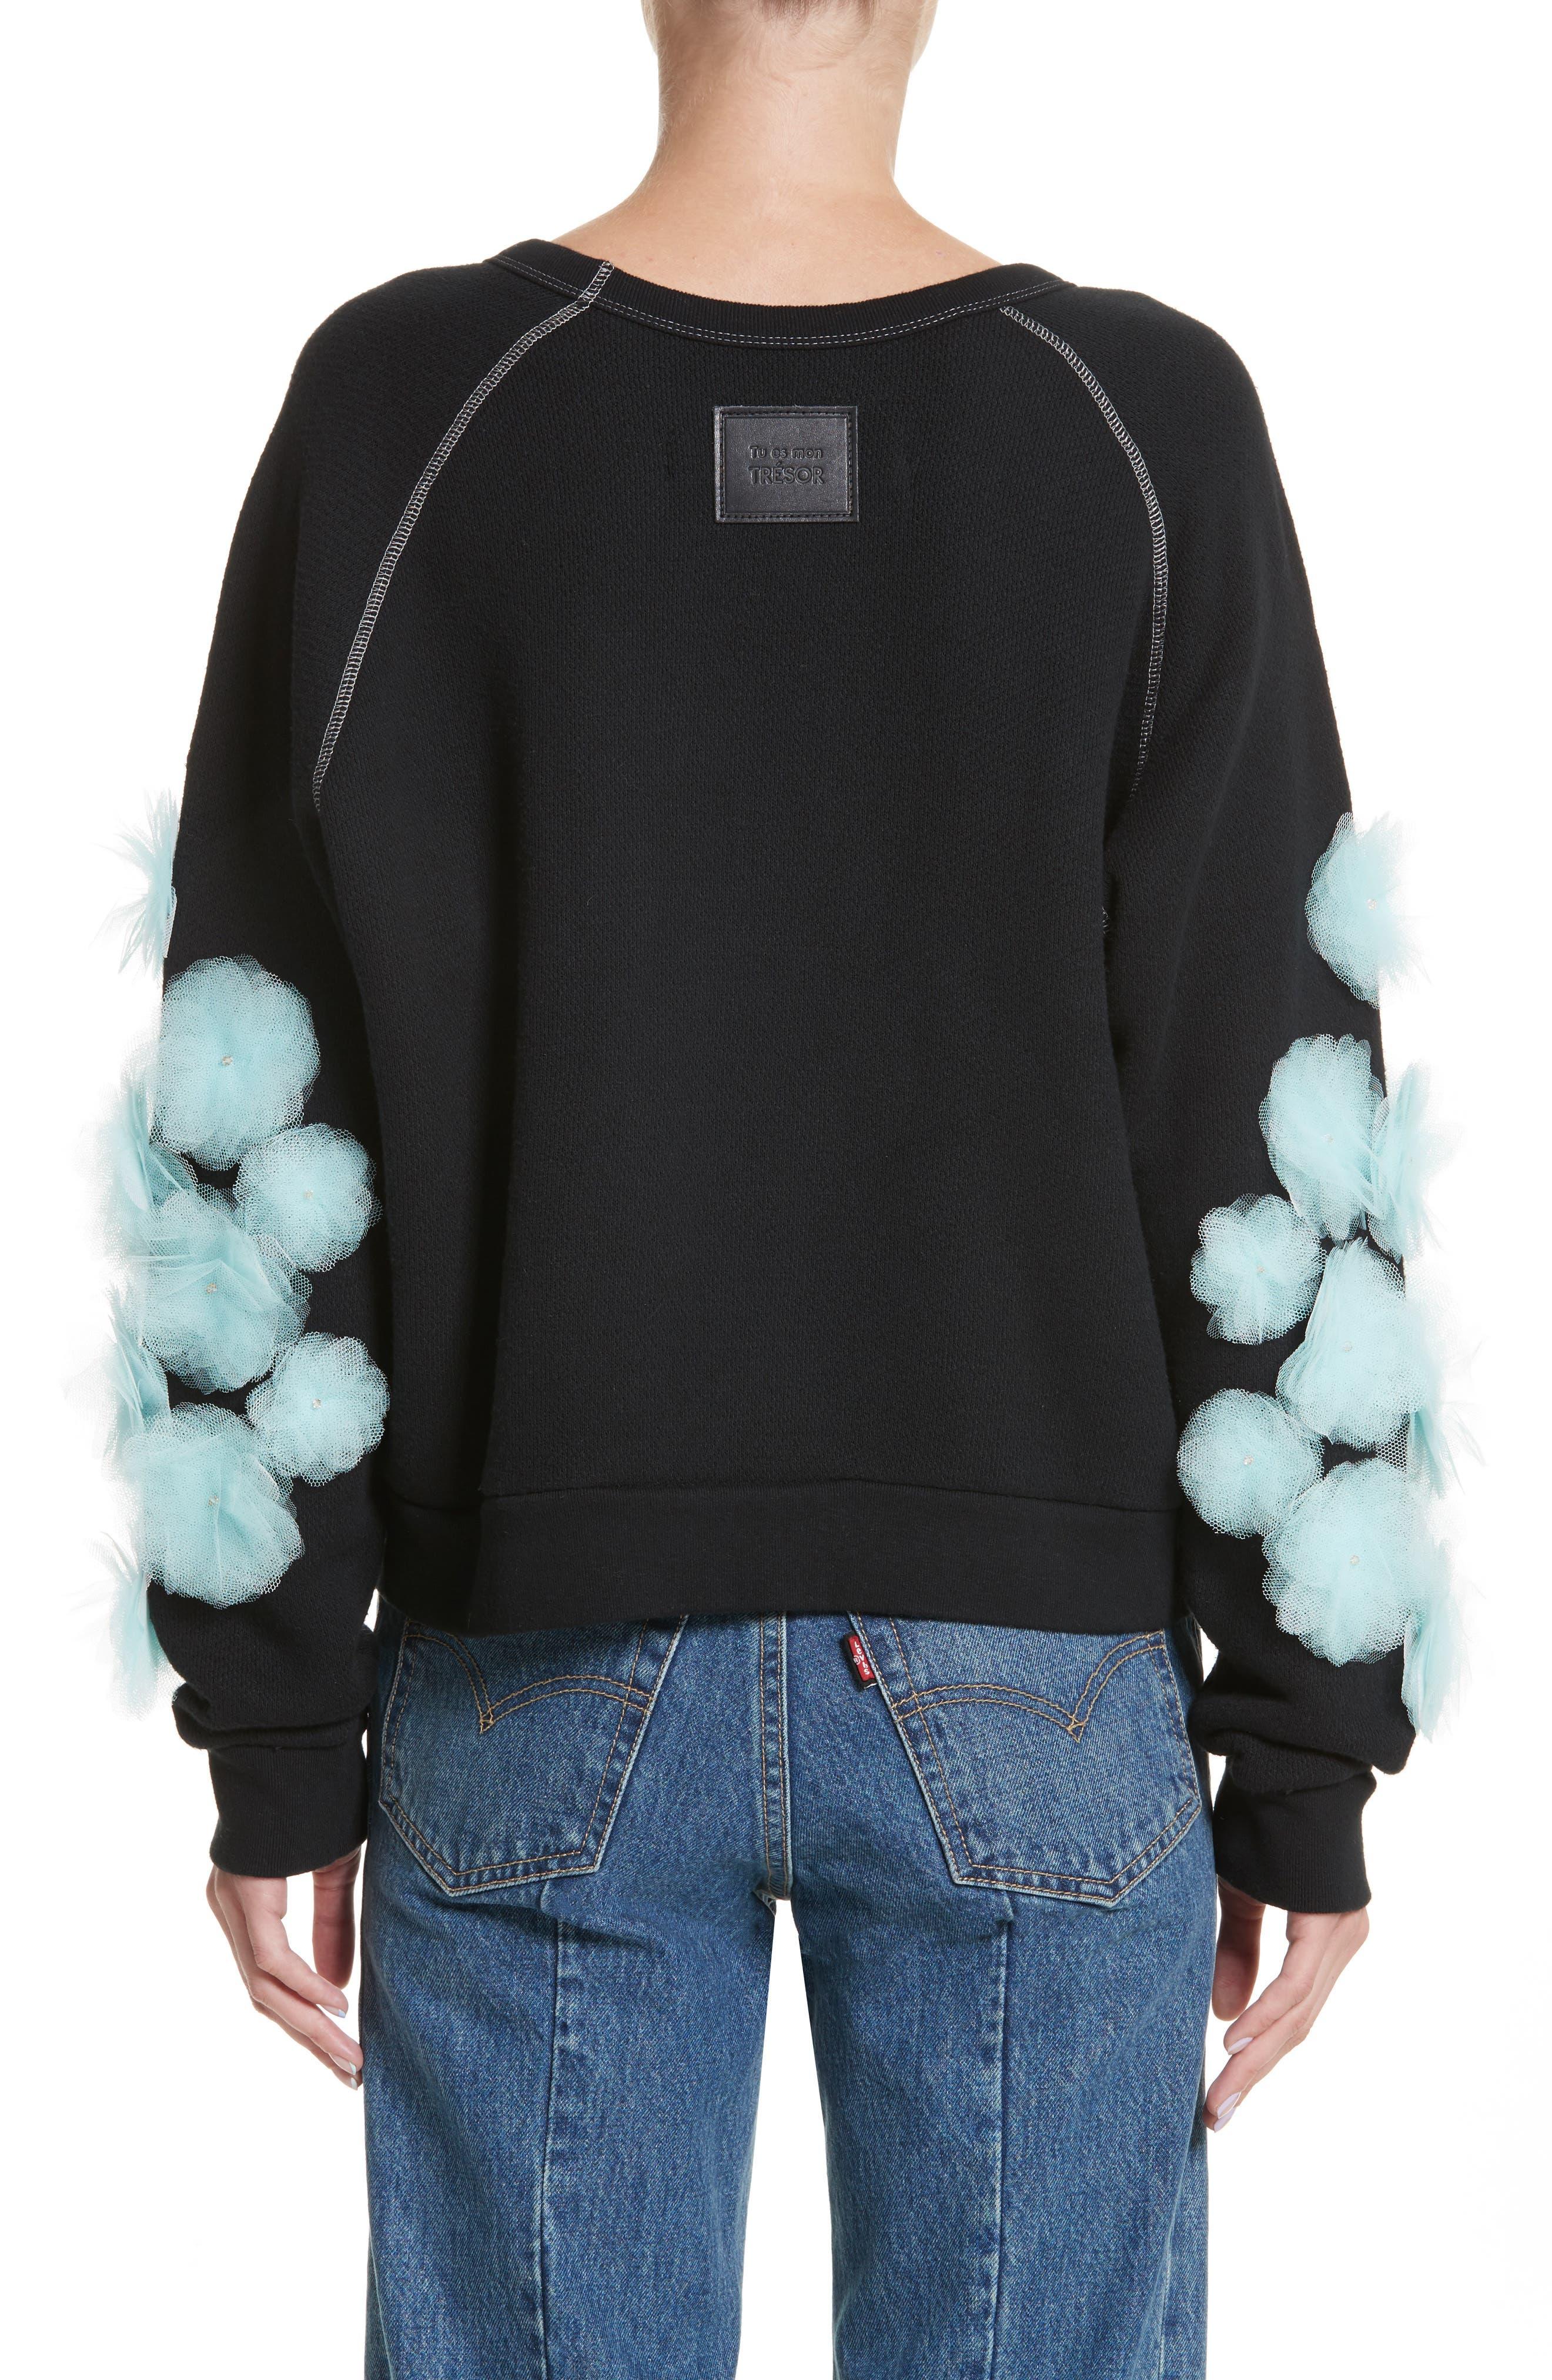 Alternate Image 2  - Tu es mon TRESOR Tulle Flower Sweatshirt